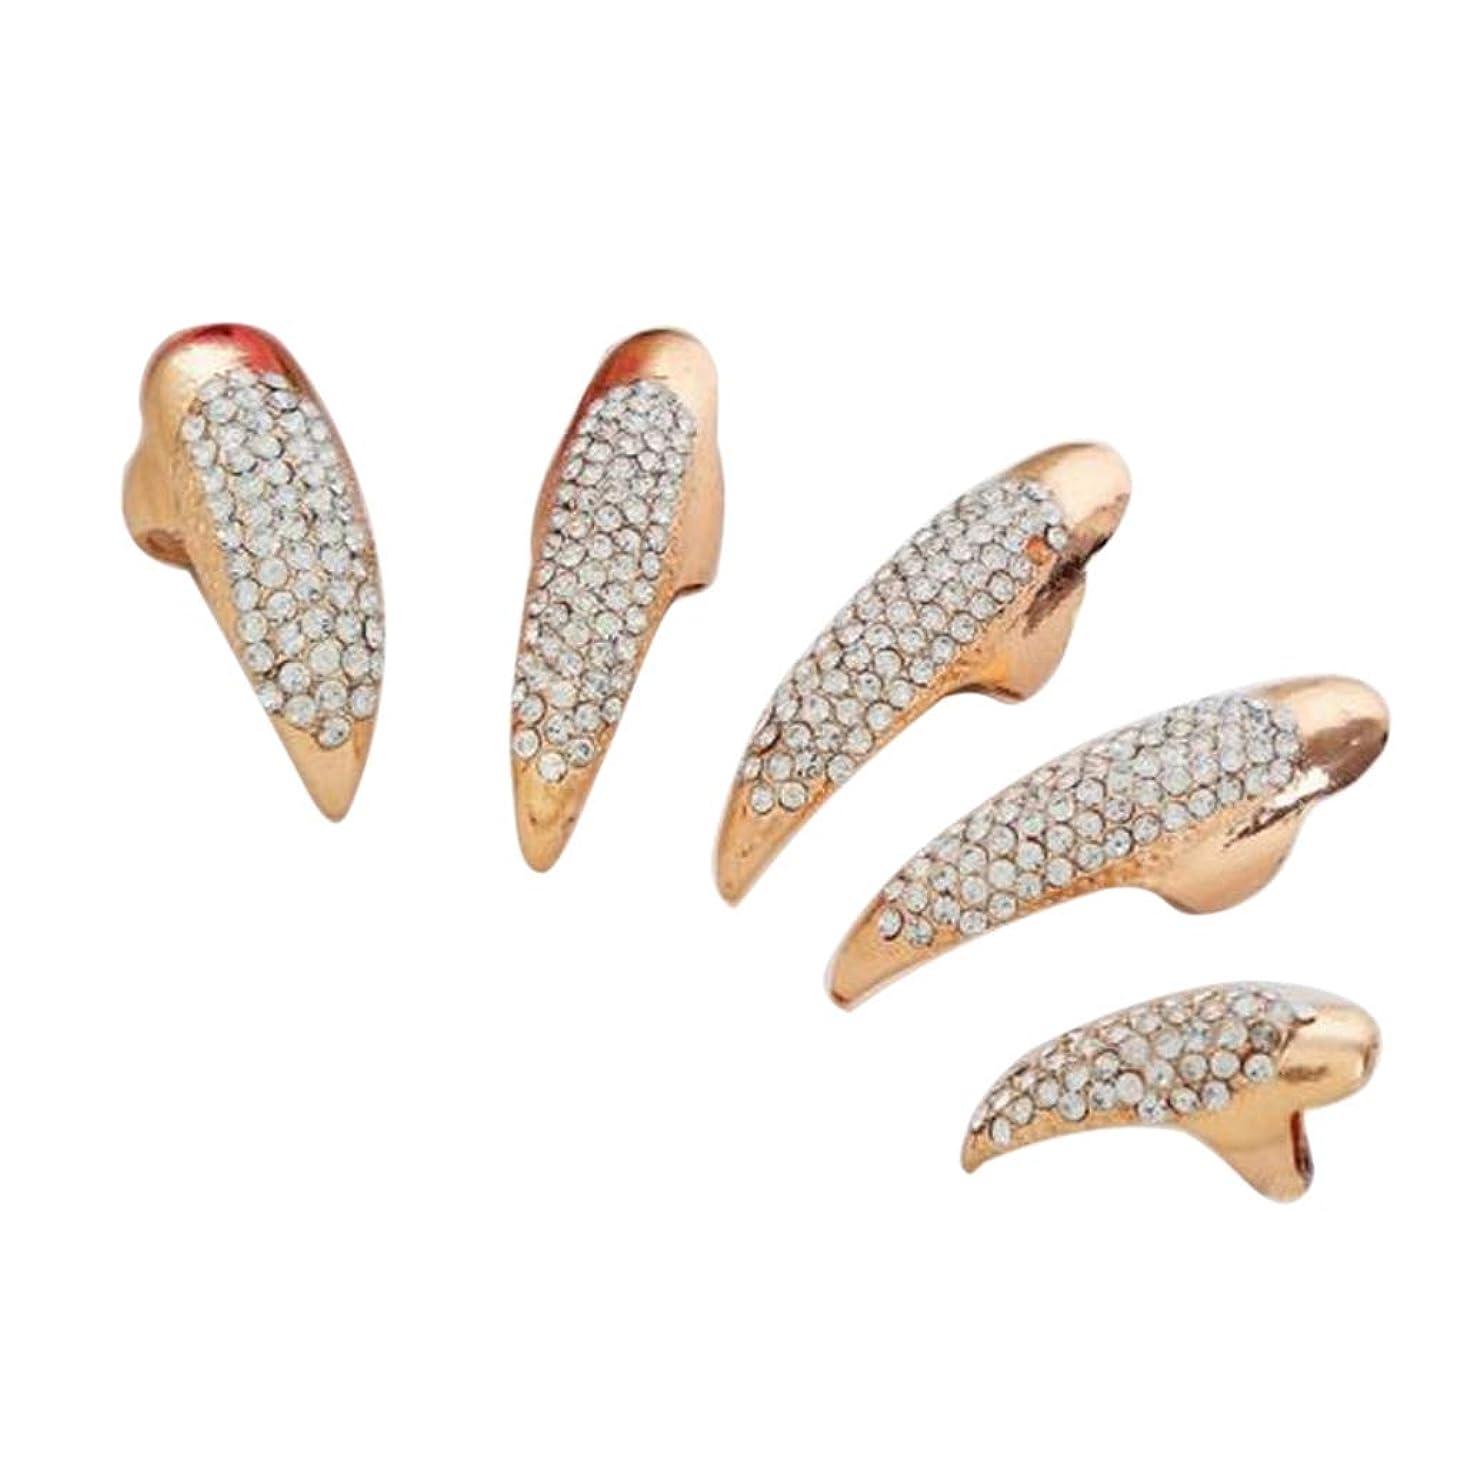 緯度コンパス順応性のあるSharplace 爪リング ネイルチップ ネイルアート 人工の爪 曲げ爪 コスプレ パーティー 2色選べ - ゴールデン